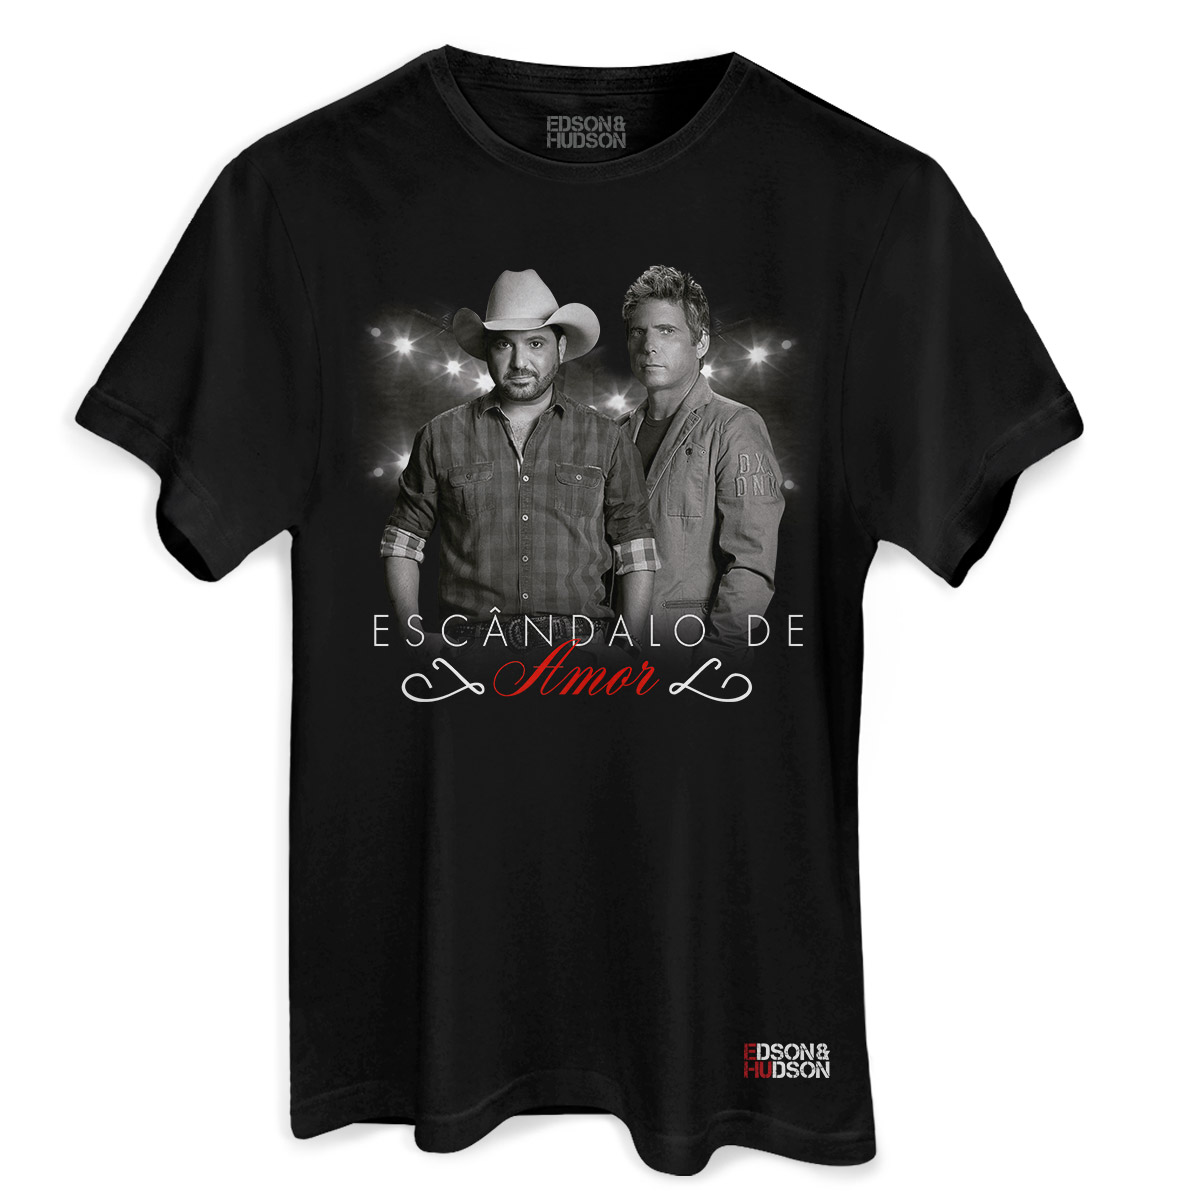 Camiseta Masculina Edson & Hudson Escândalo de Amor Foto